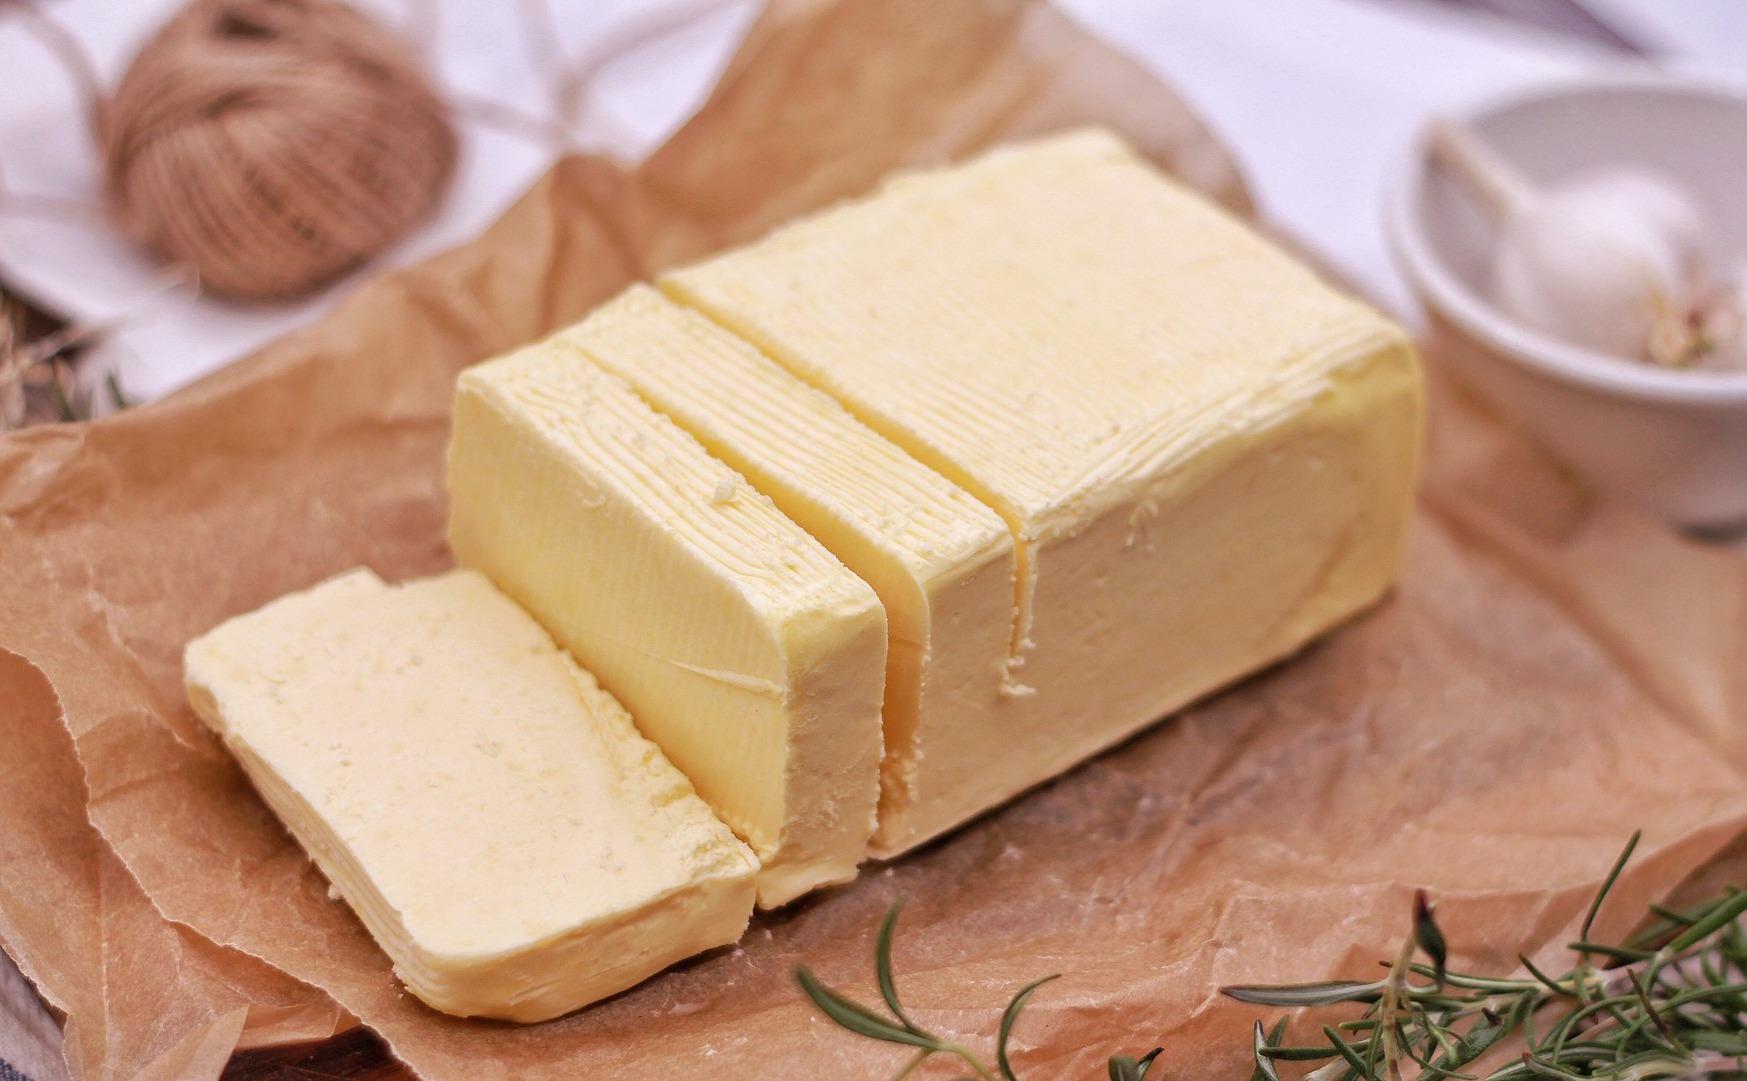 「如何快速軟化鮮奶油?」烘焙必學小訣竅,保證不會失去奶油原本的風味!